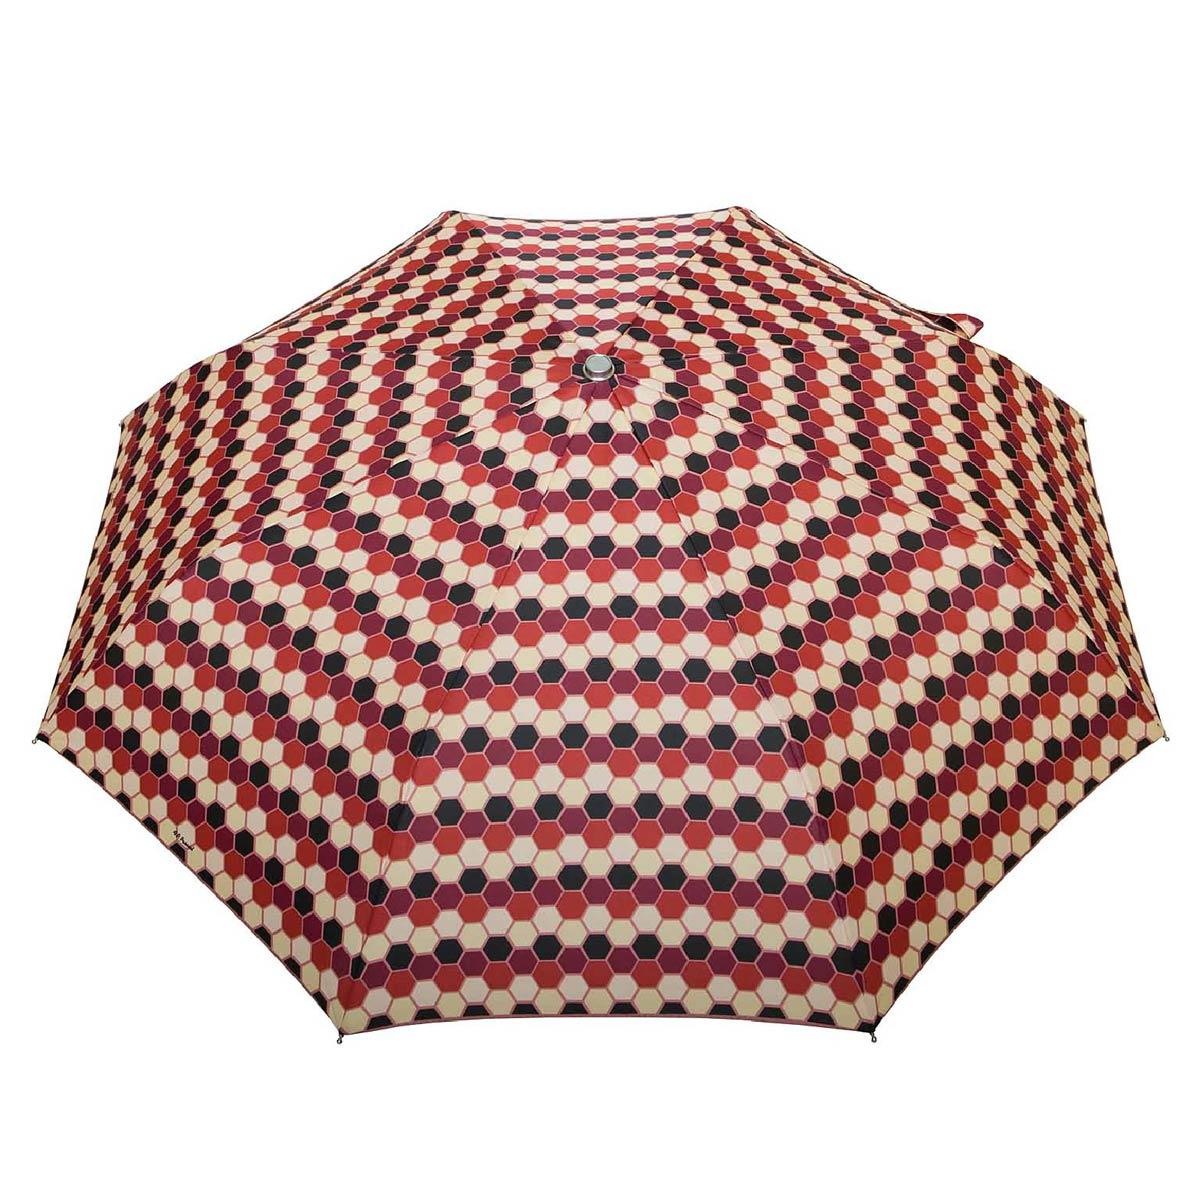 _Mini-parapluie-femme-automatique-nid-abeilles